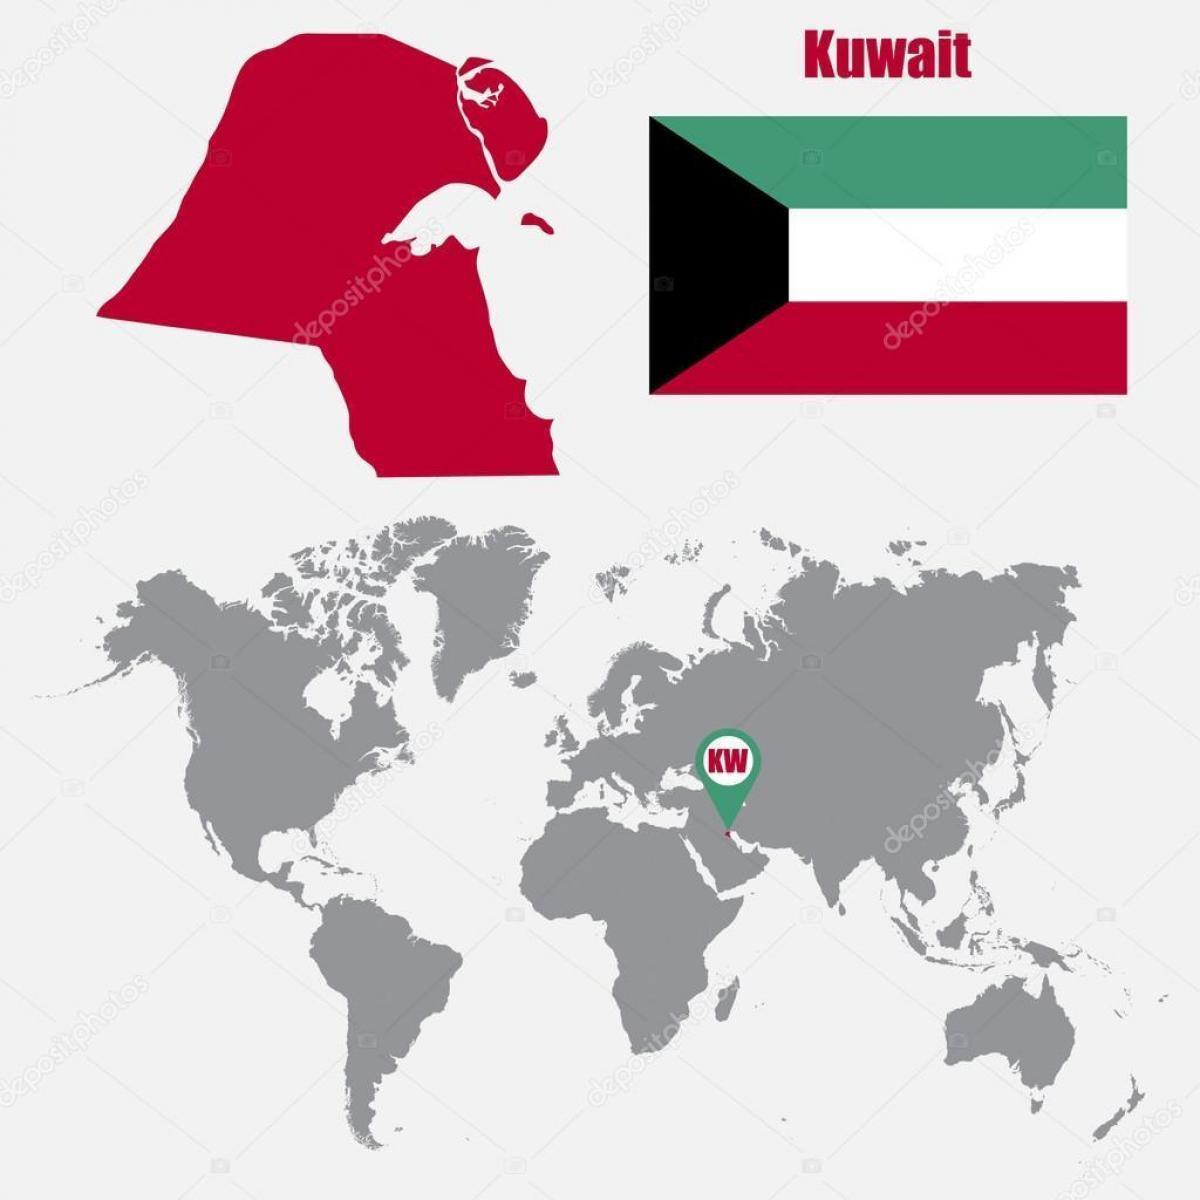 Kuwait-Standort auf Weltkarte - Karte von Kuwait in world map (West ...